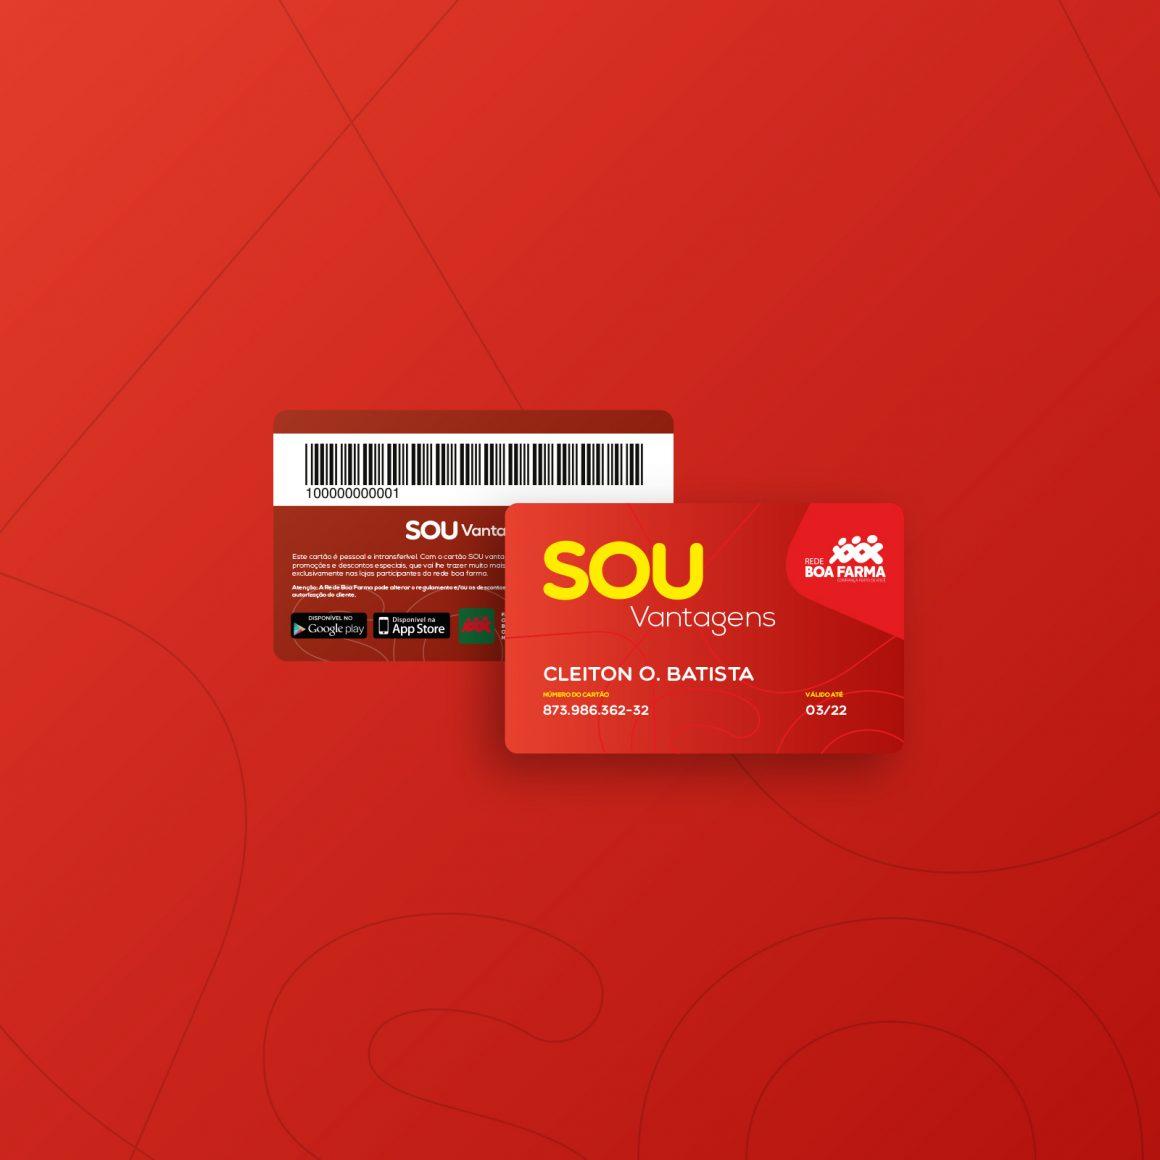 Cartão SOU Vantagens